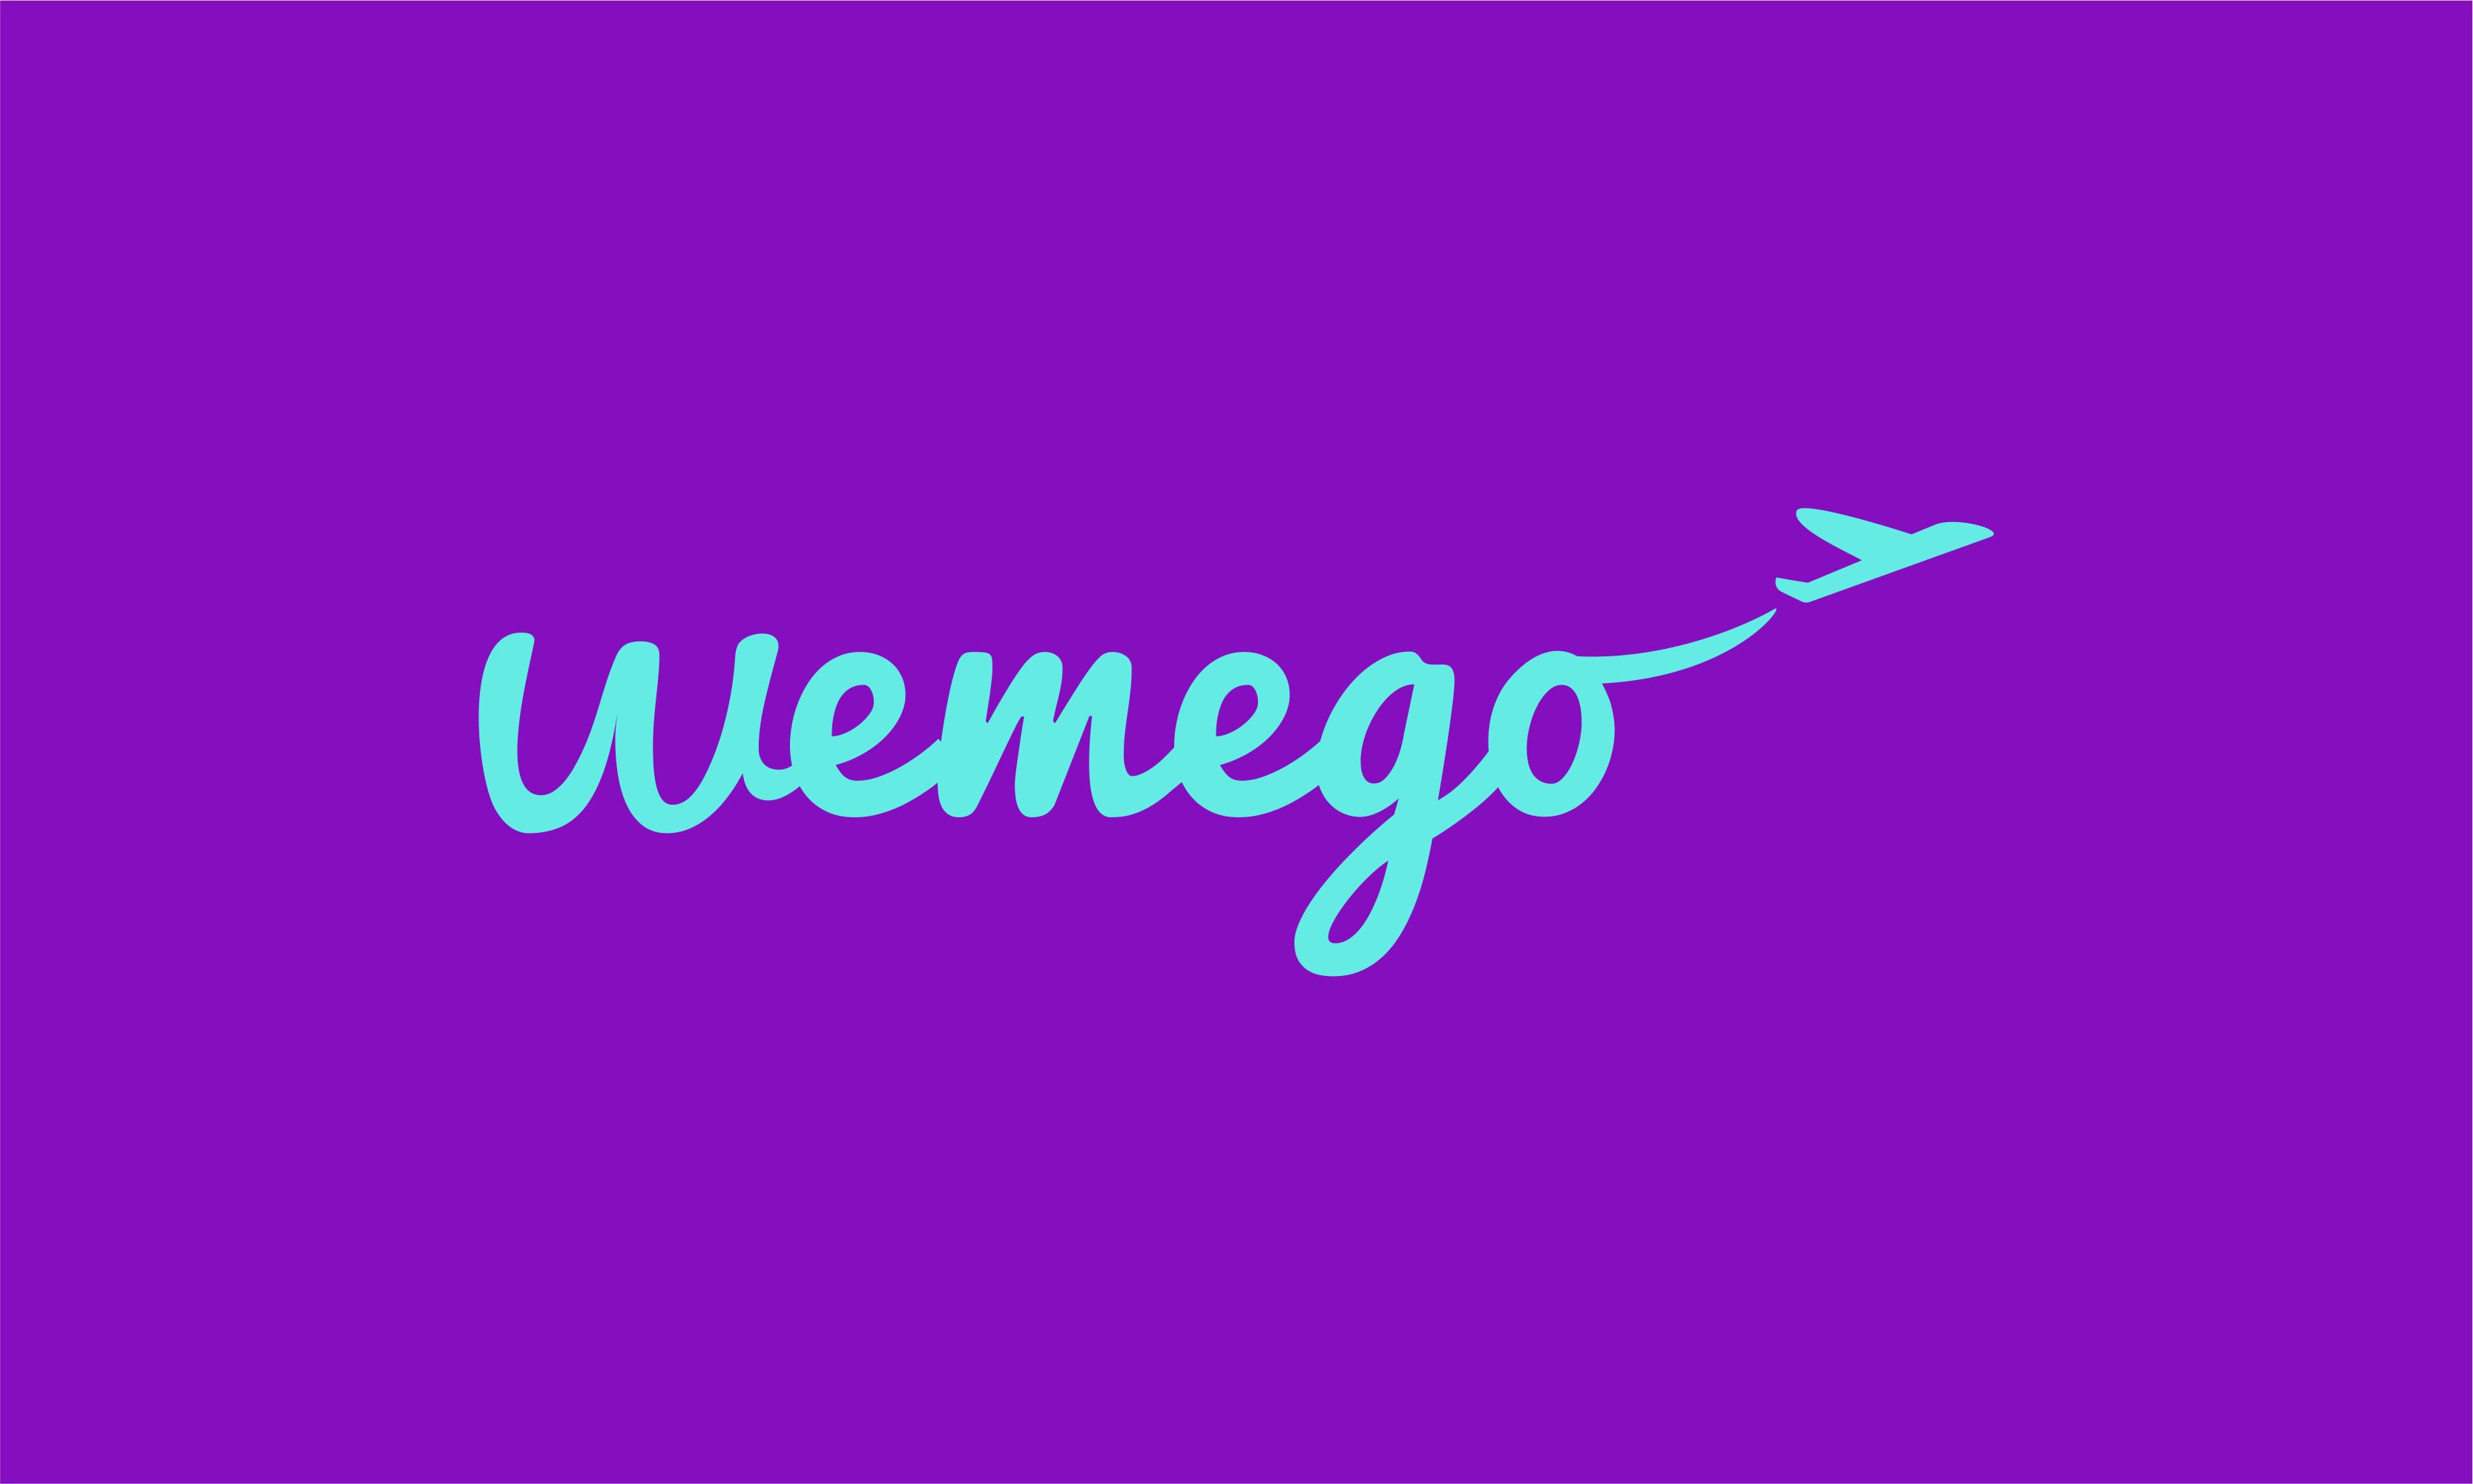 Wemego